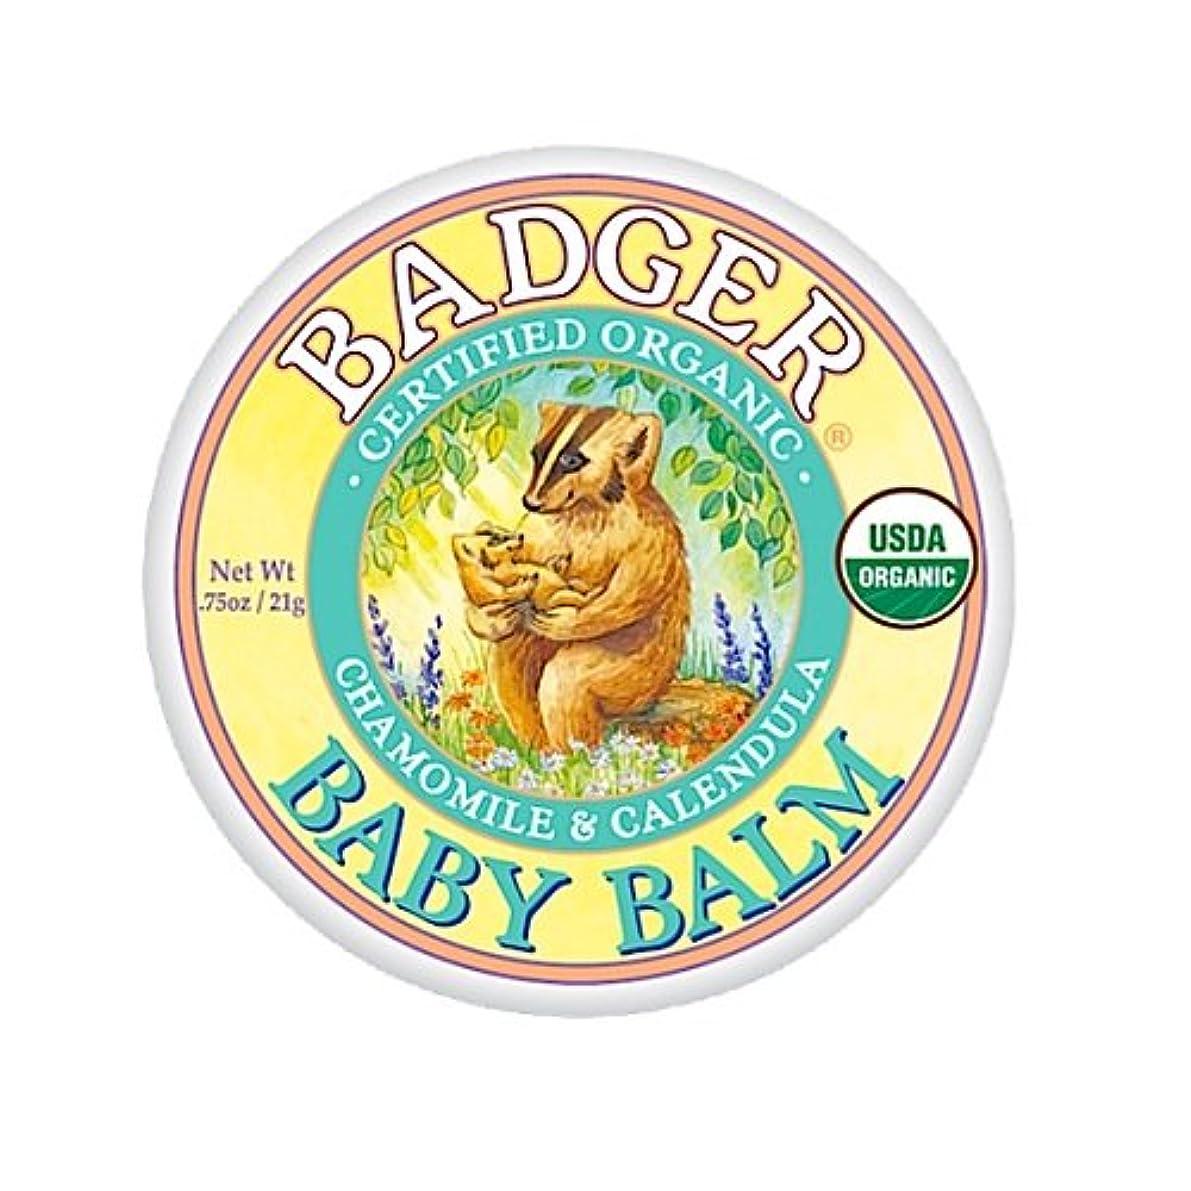 熱心嬉しいです作るBadger バジャー オーガニックベビークリーム カモミール & カレンドラ 21g【海外直送品】【並行輸入品】